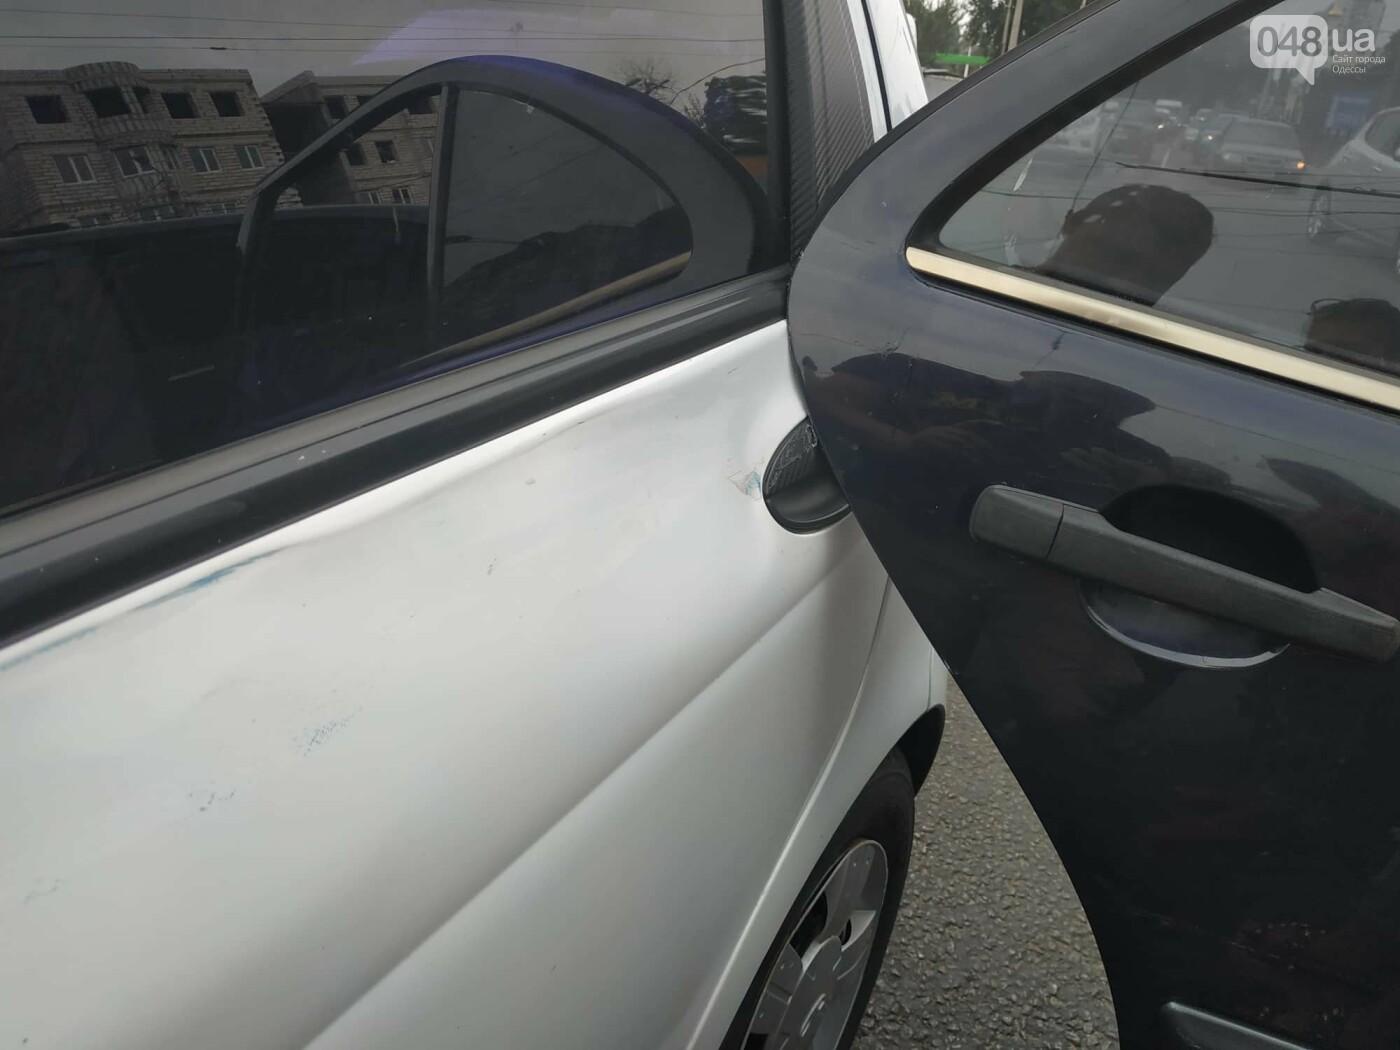 """Пассажир, """"выпрыгнувший"""" посреди дороги в Одессе: стали известны подробности ДТП, - ФОТО, фото-12"""